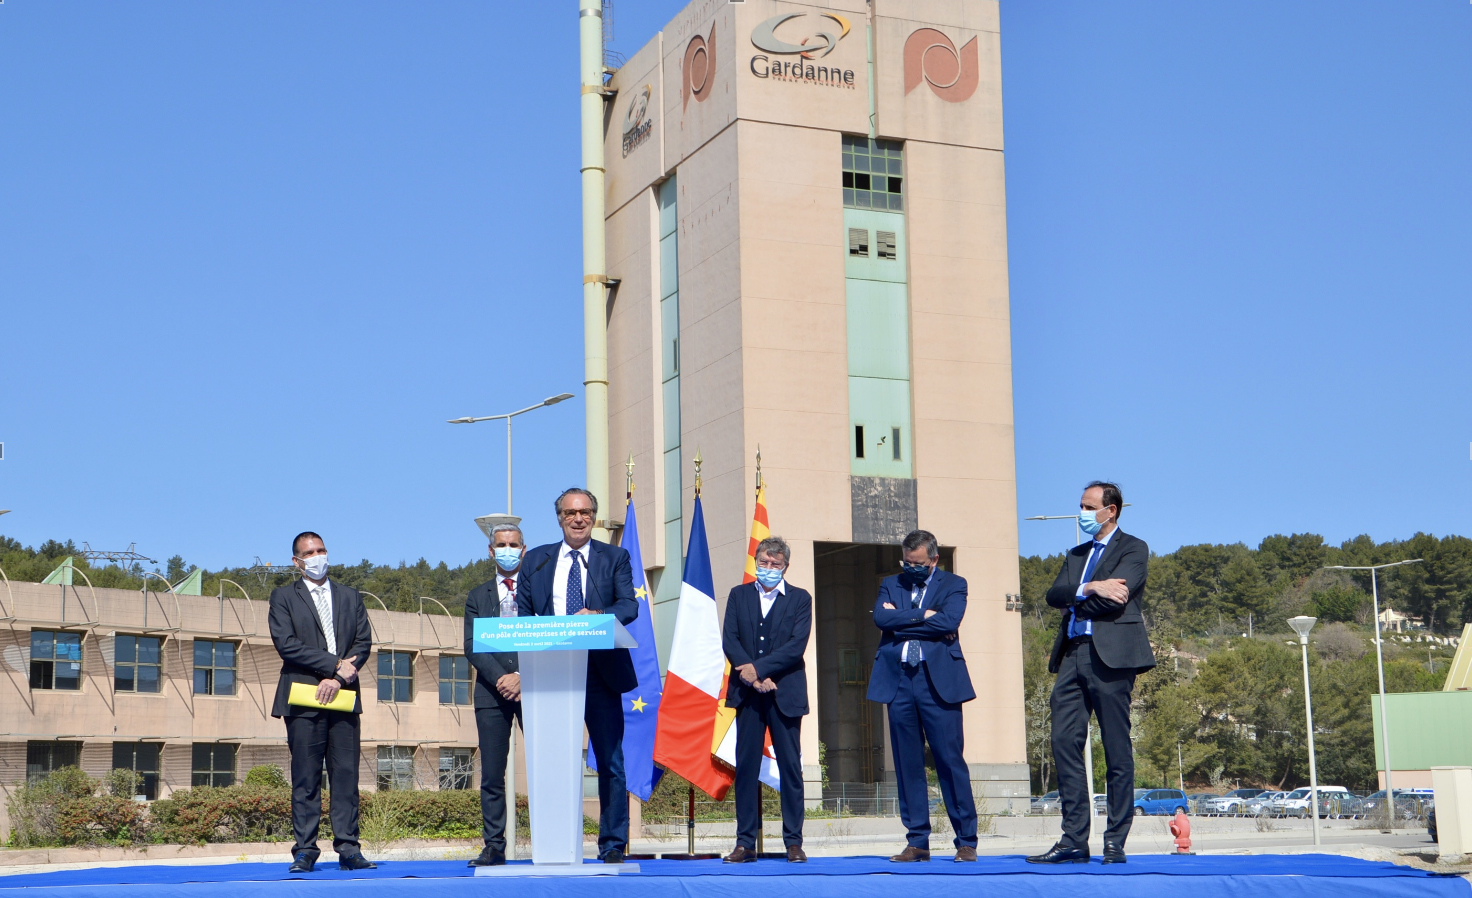 Ce vendredi 2 avril 2021 marque le commencement de la construction de trois nouveaux bâtiments à l'entrée du Pôle Morandat. ©NBC